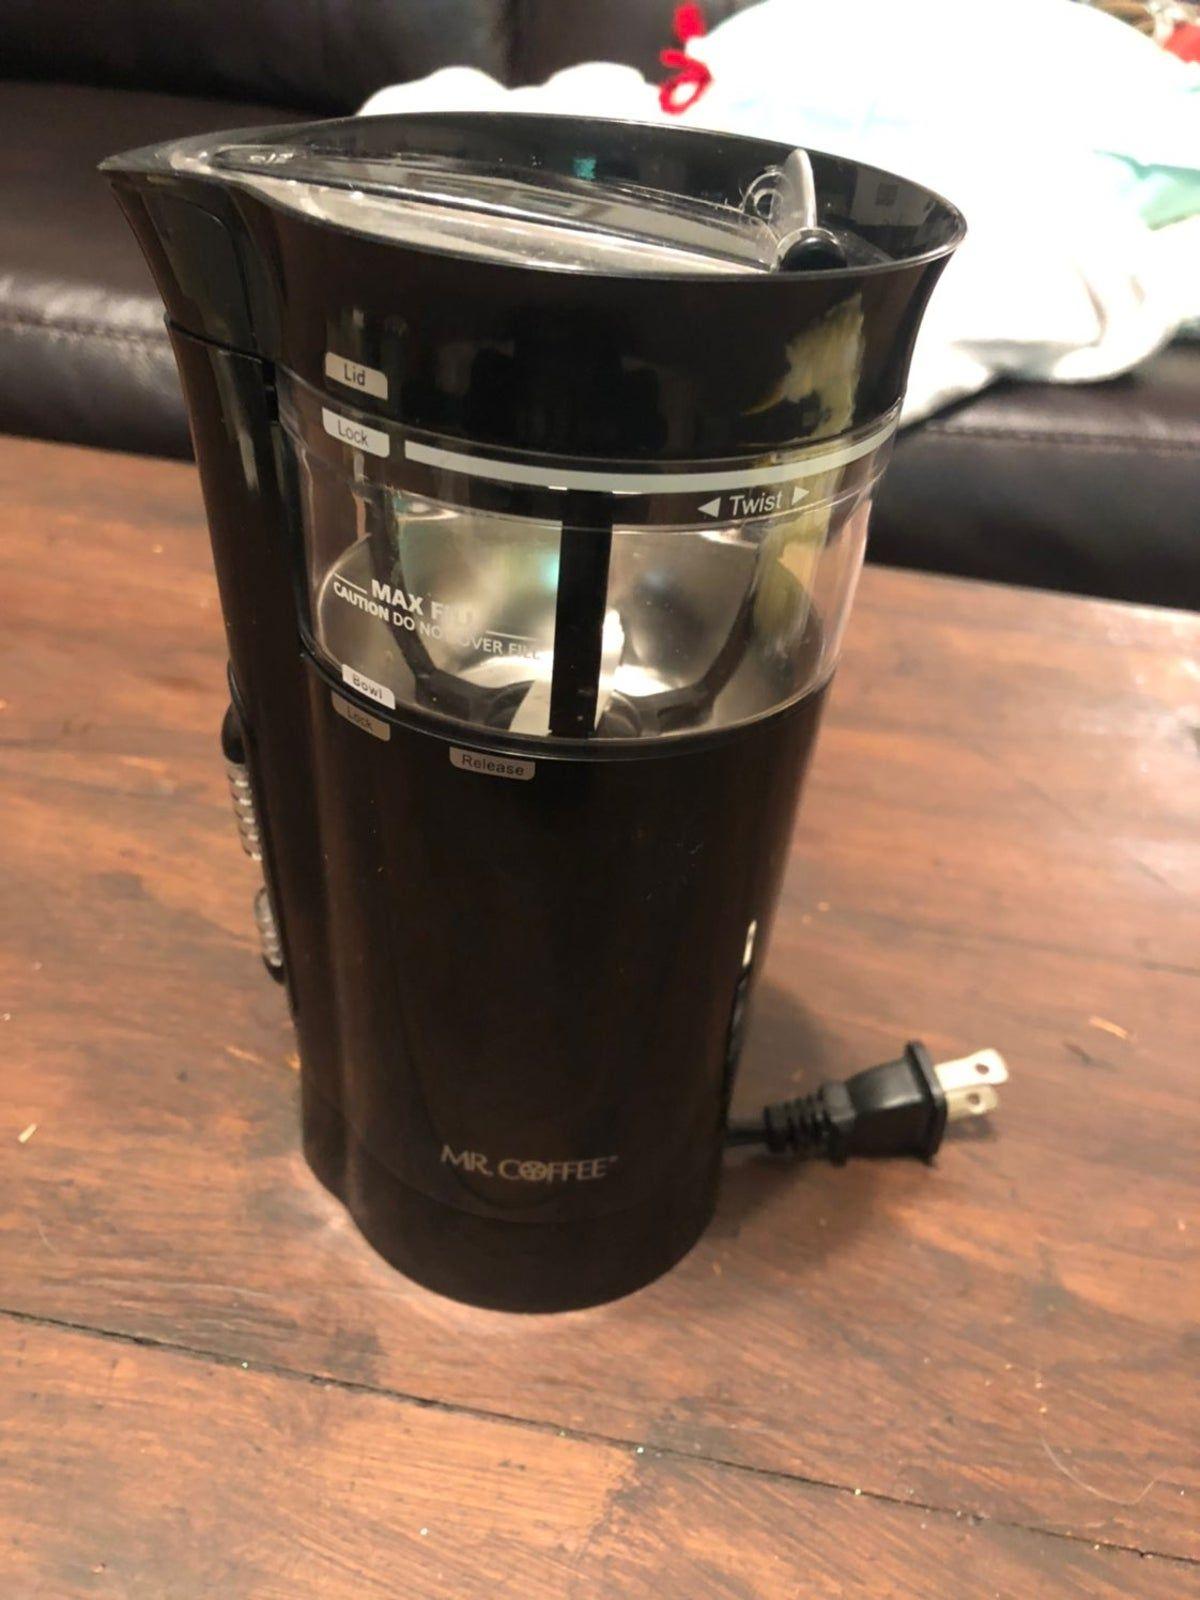 Mr Coffee Coffee Bean Grinder In 2020 Coffee Bean Grinder Coffee Beans Coffee Flavor